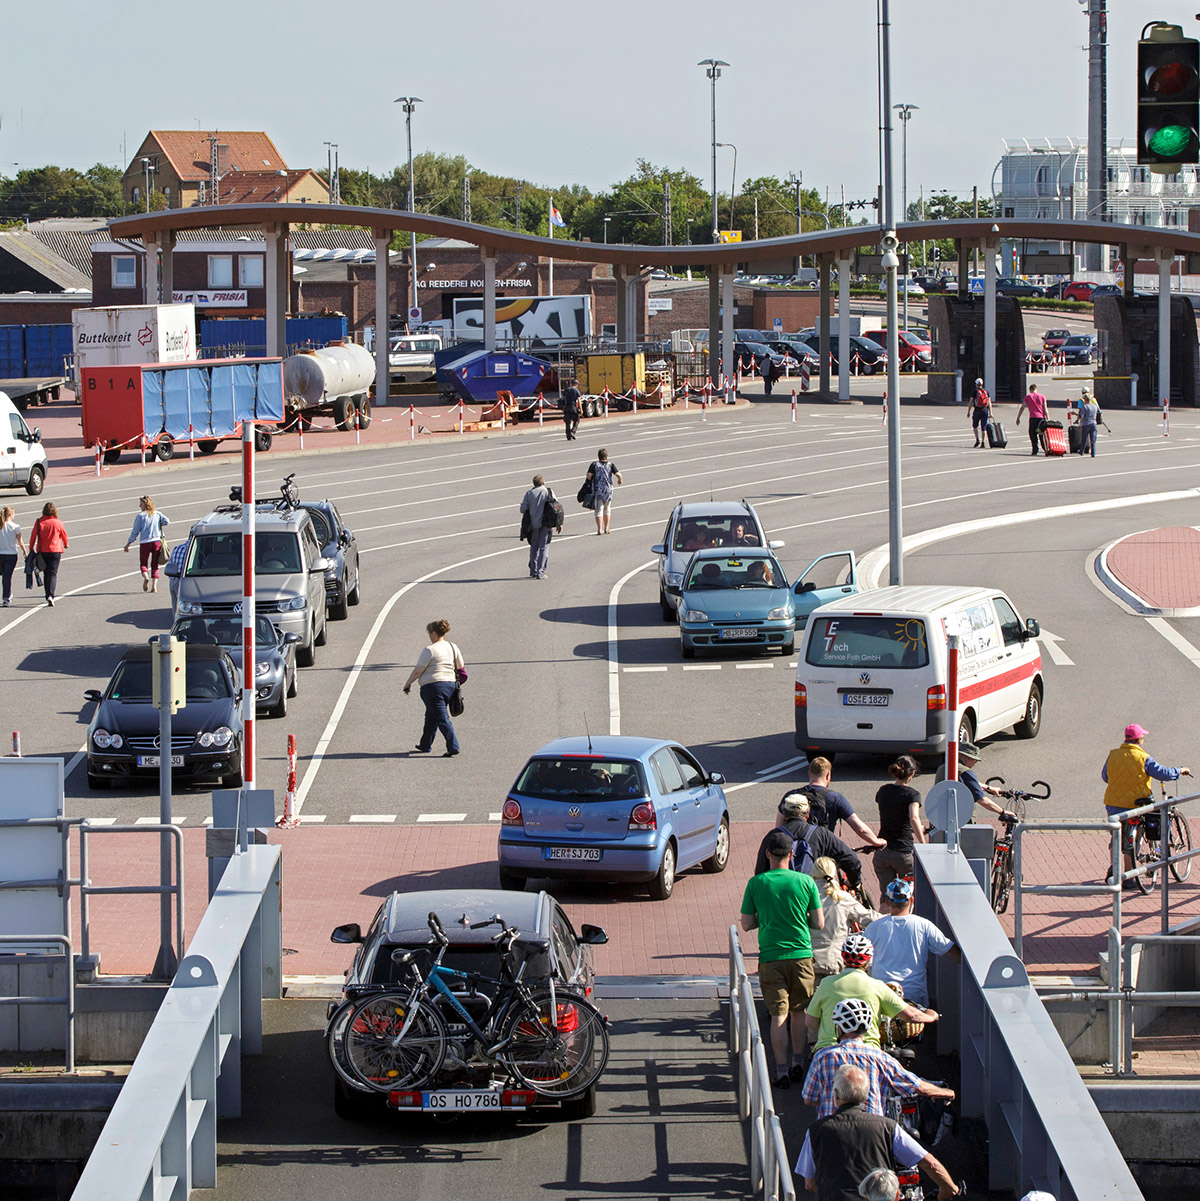 Anreise Zur Insel Wangerooge Mit Dem Auto Pkw: Ferienwohnung Auf Norderney Barke 13